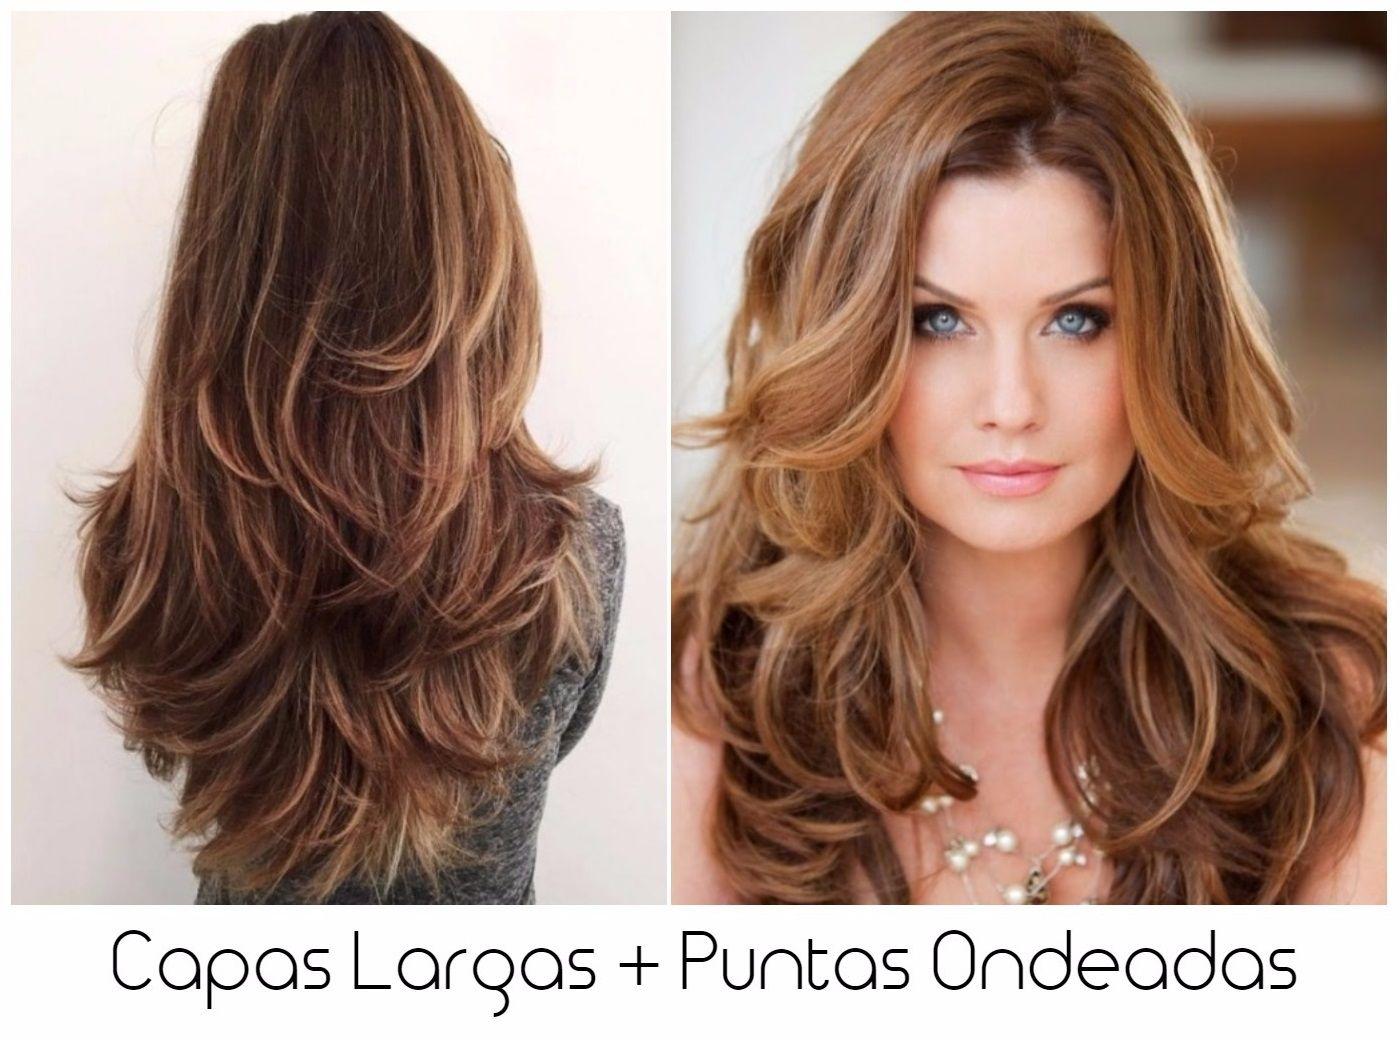 Cortes de cabello en capas y degrafilado